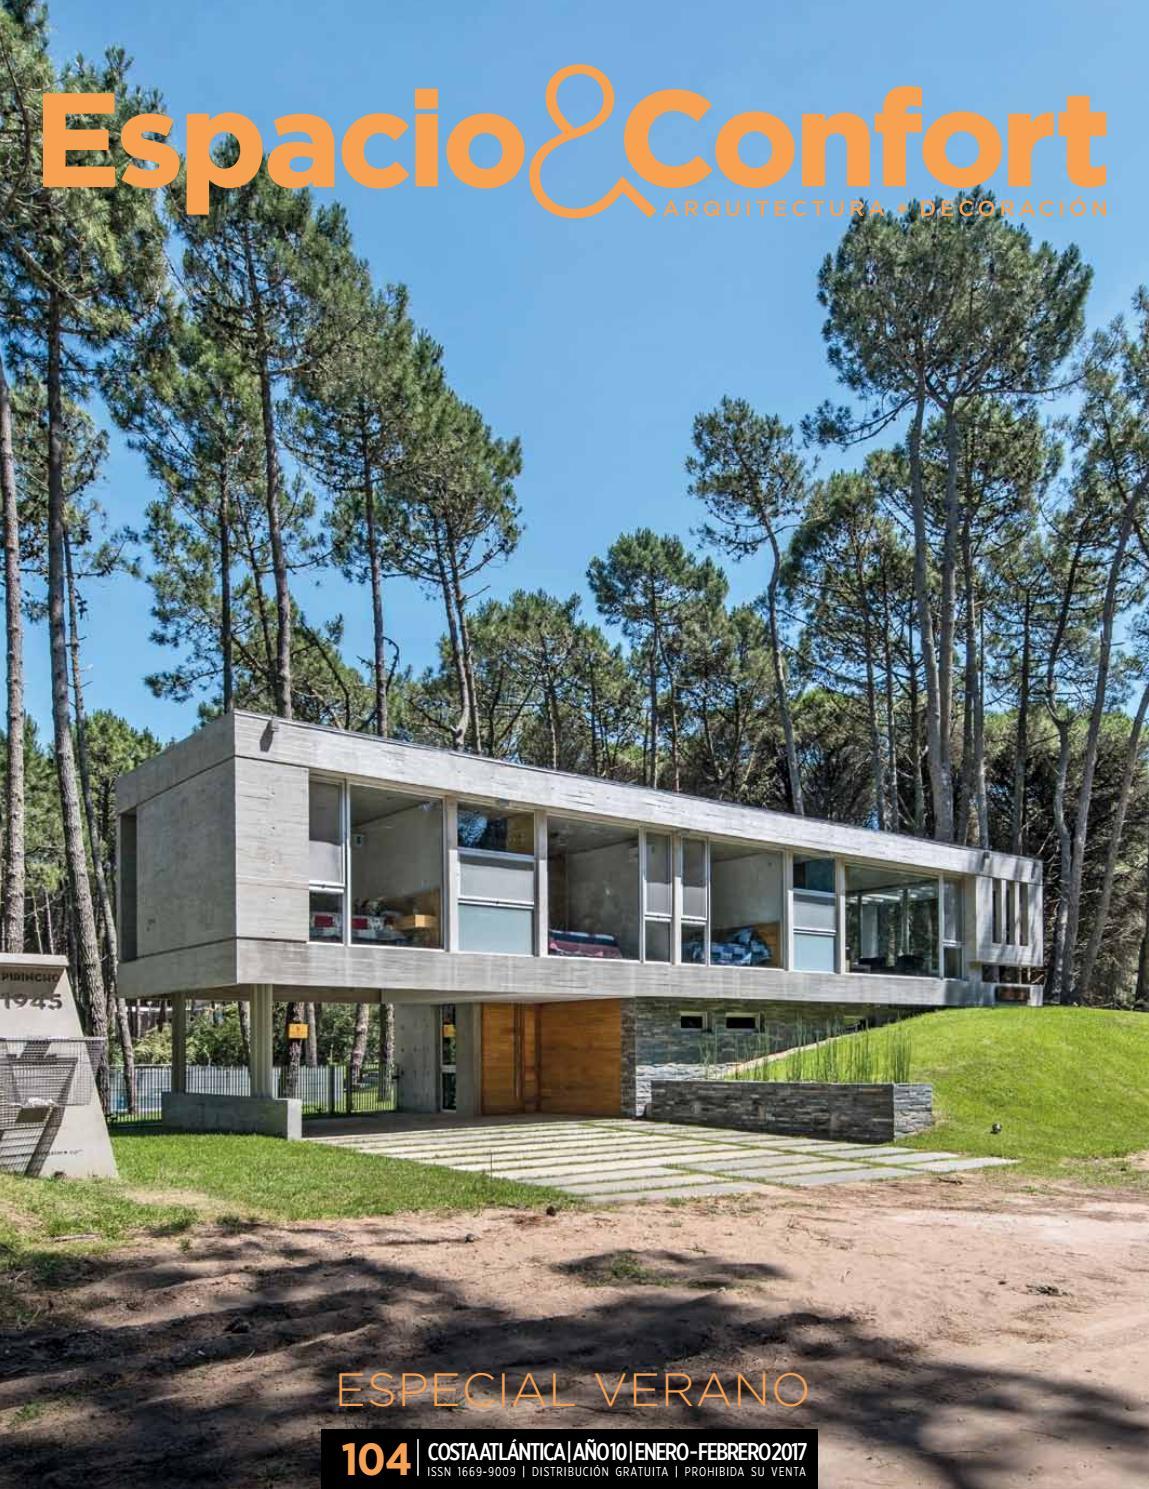 104 costa verano 2017 by Revista Espacio&Confort - Arquitectura + ...